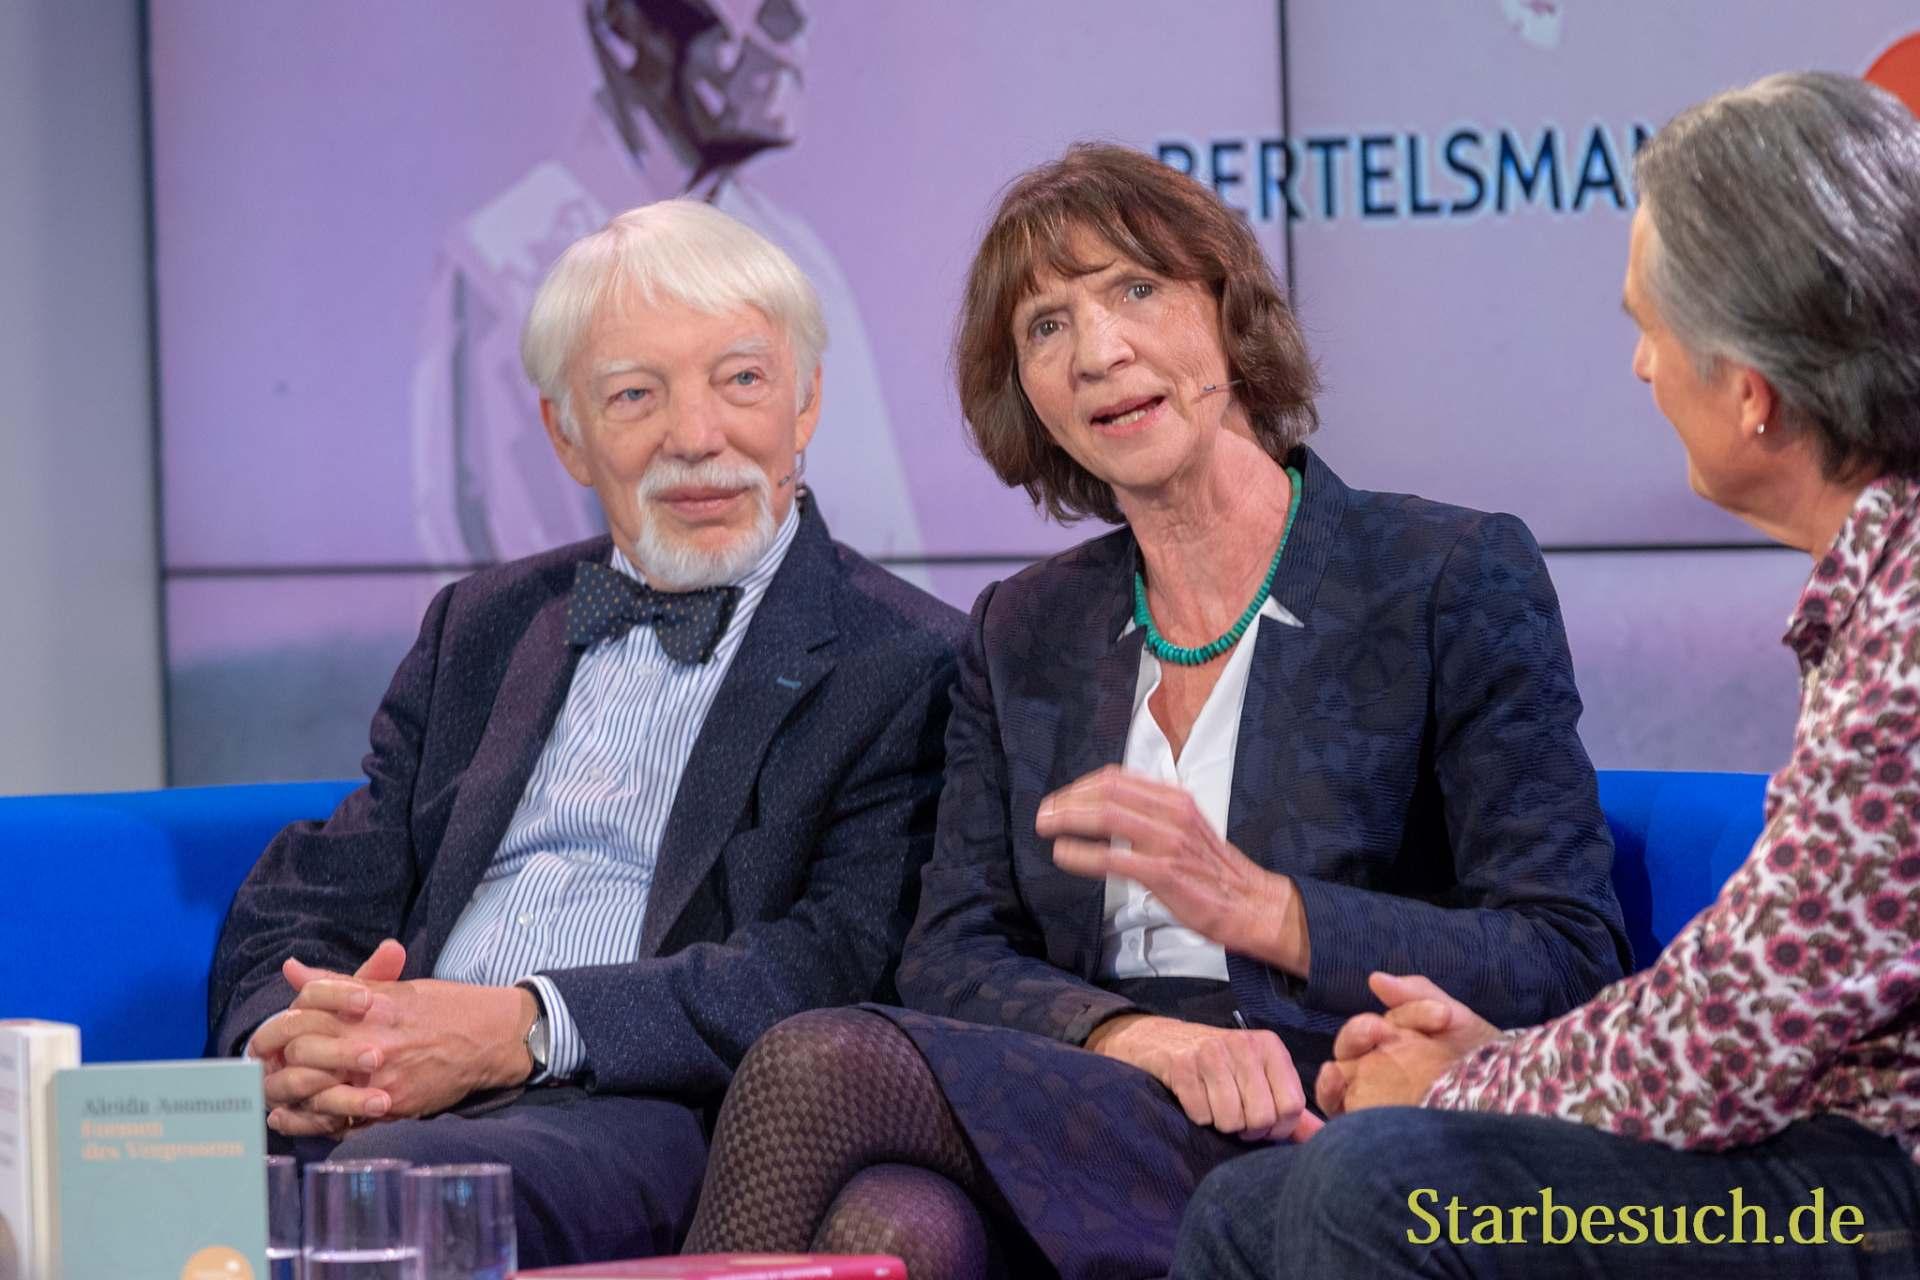 Jan und Aleida Assmann, Friedenspreisträger des deutschen Buchhandels 2018